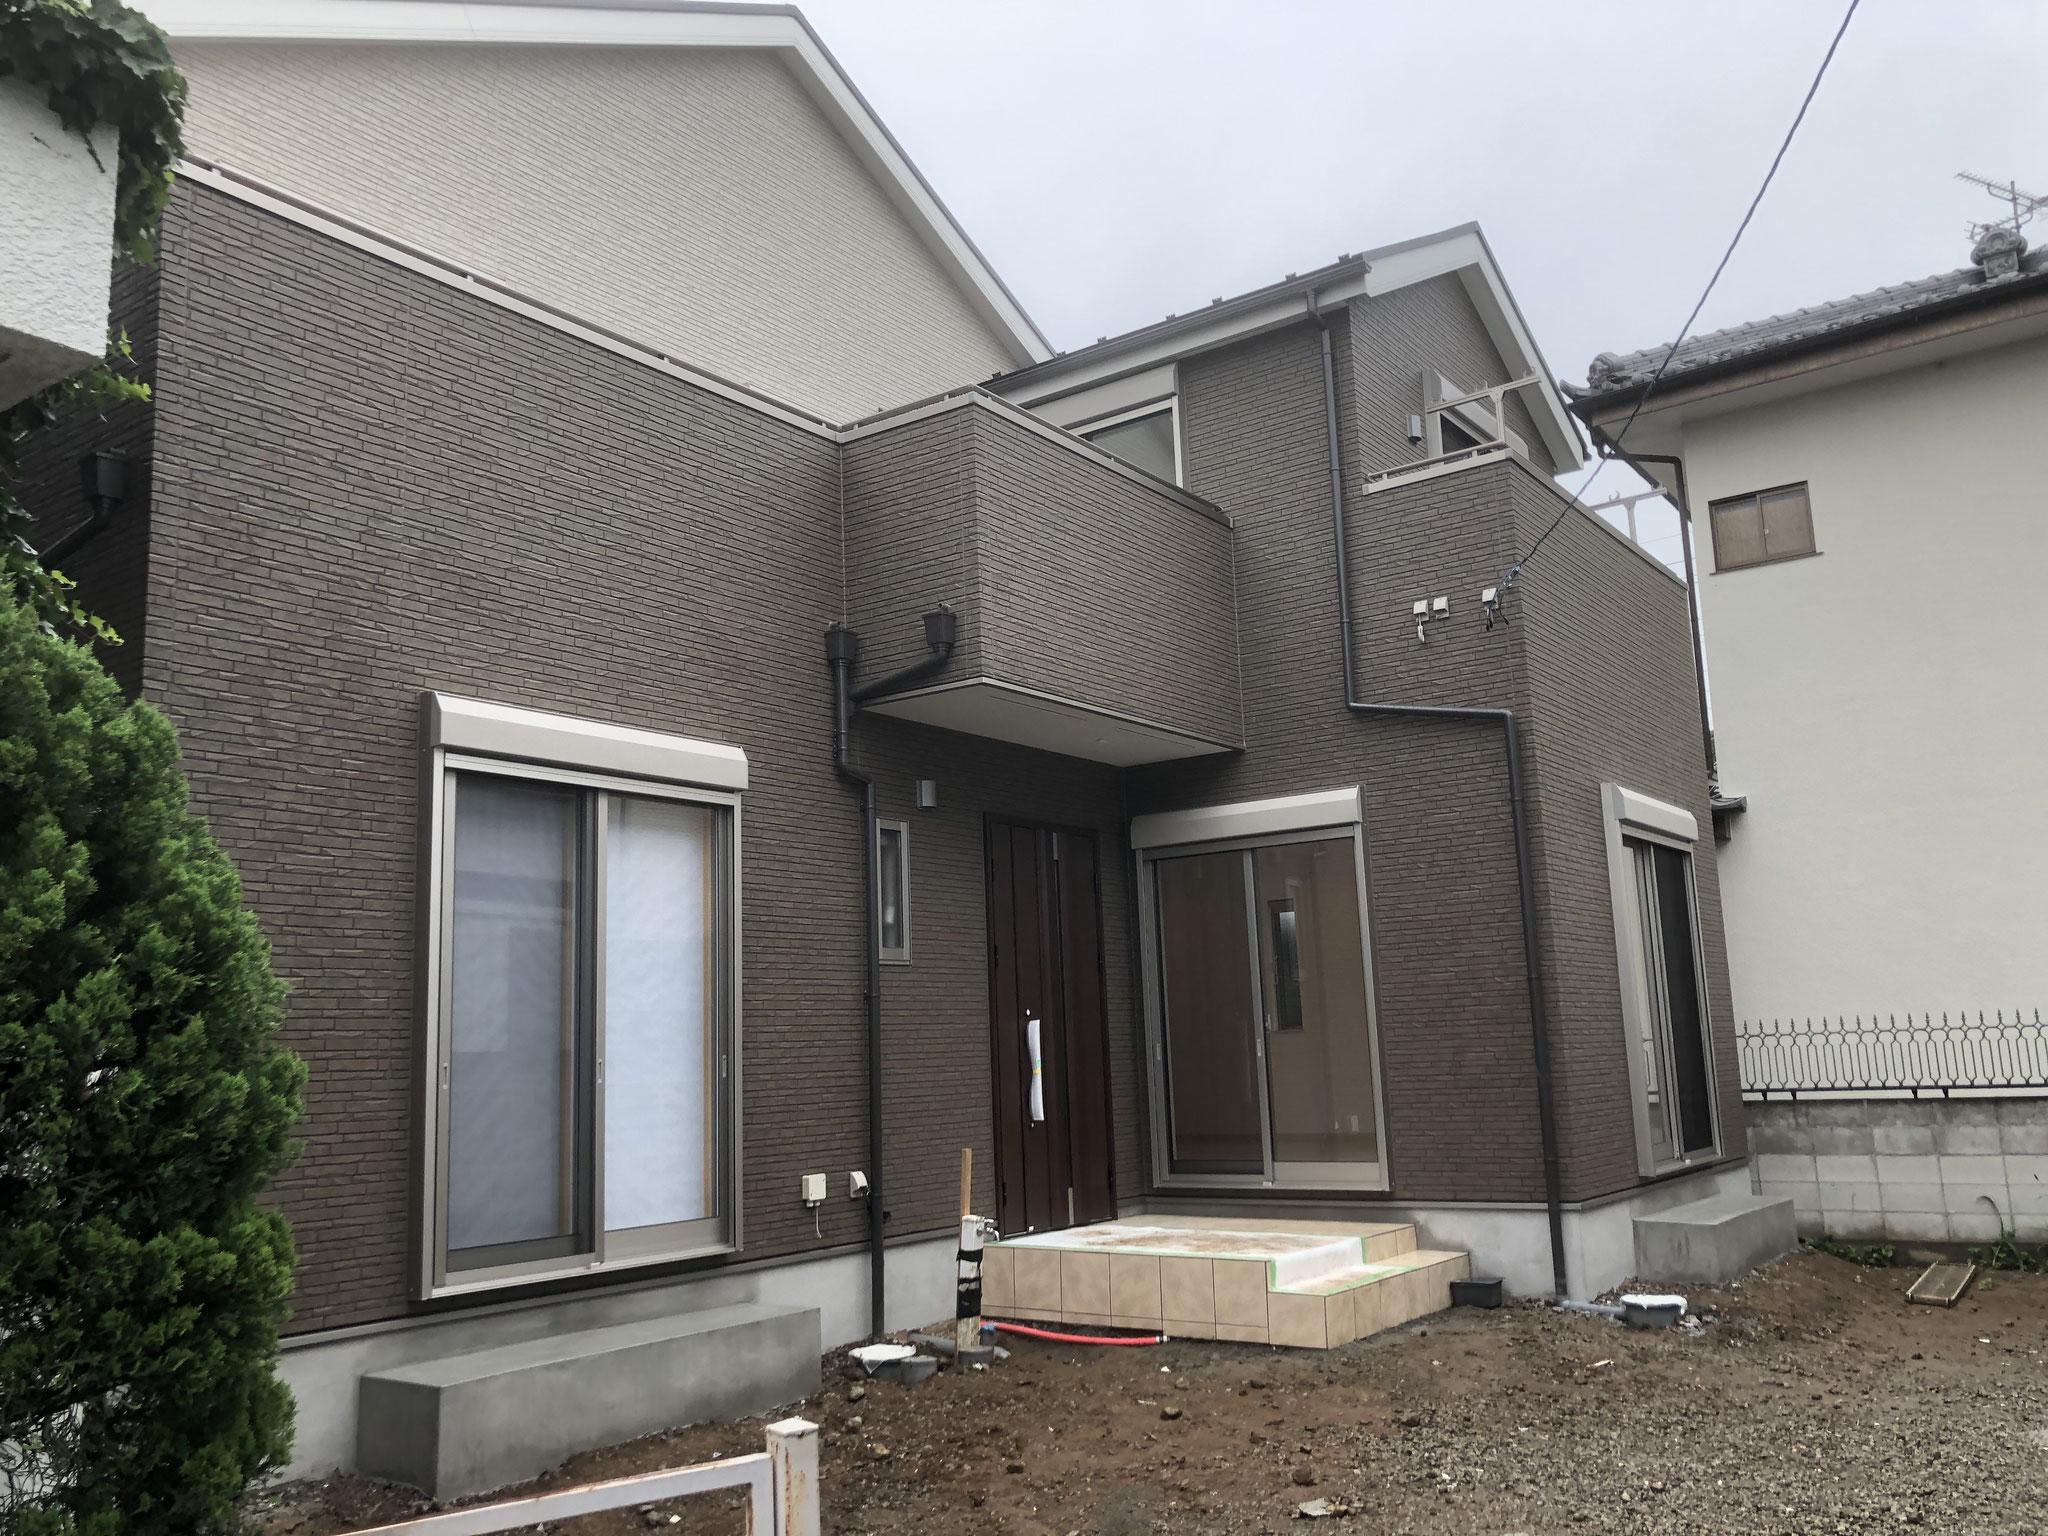 建物は木造2階建で、これから、玄関横に大型テラスを設置し、門や大型立水栓(温水シャワー付き)を設置し、道路側からアプローチまで仕上げていきます。